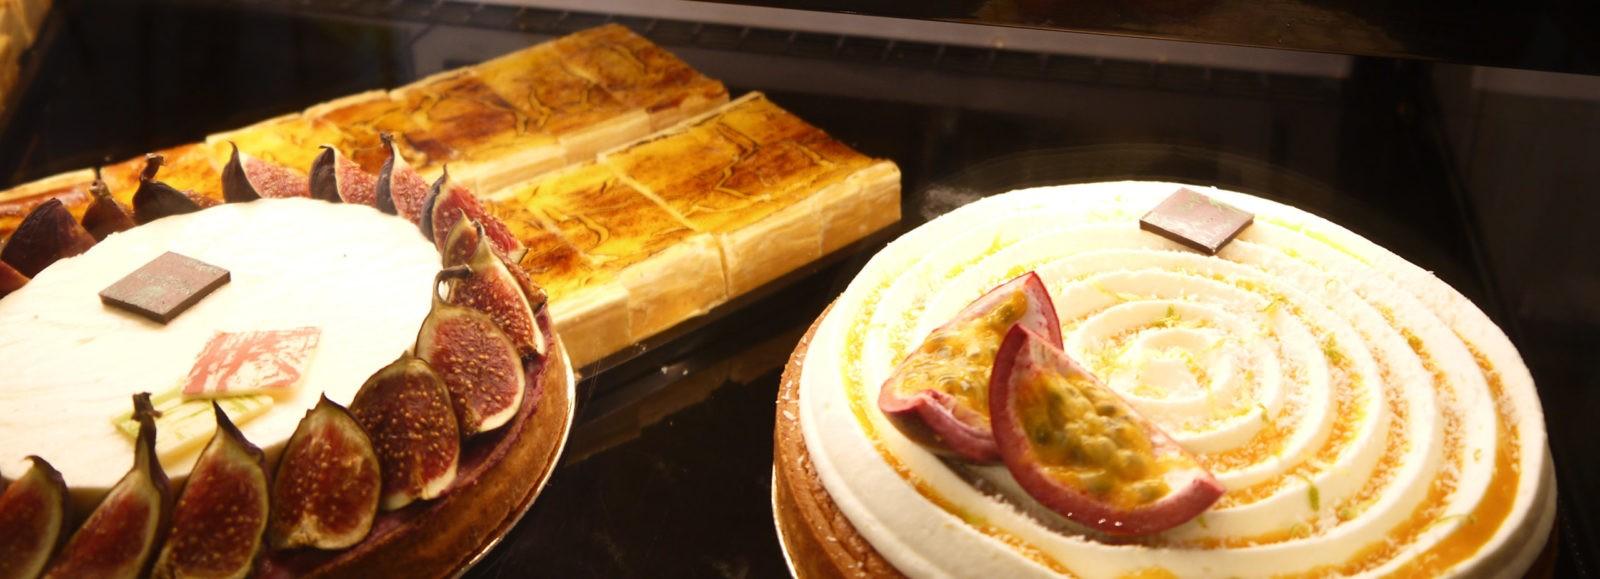 pâtisserie tarte sucrée originale au p'tit louis